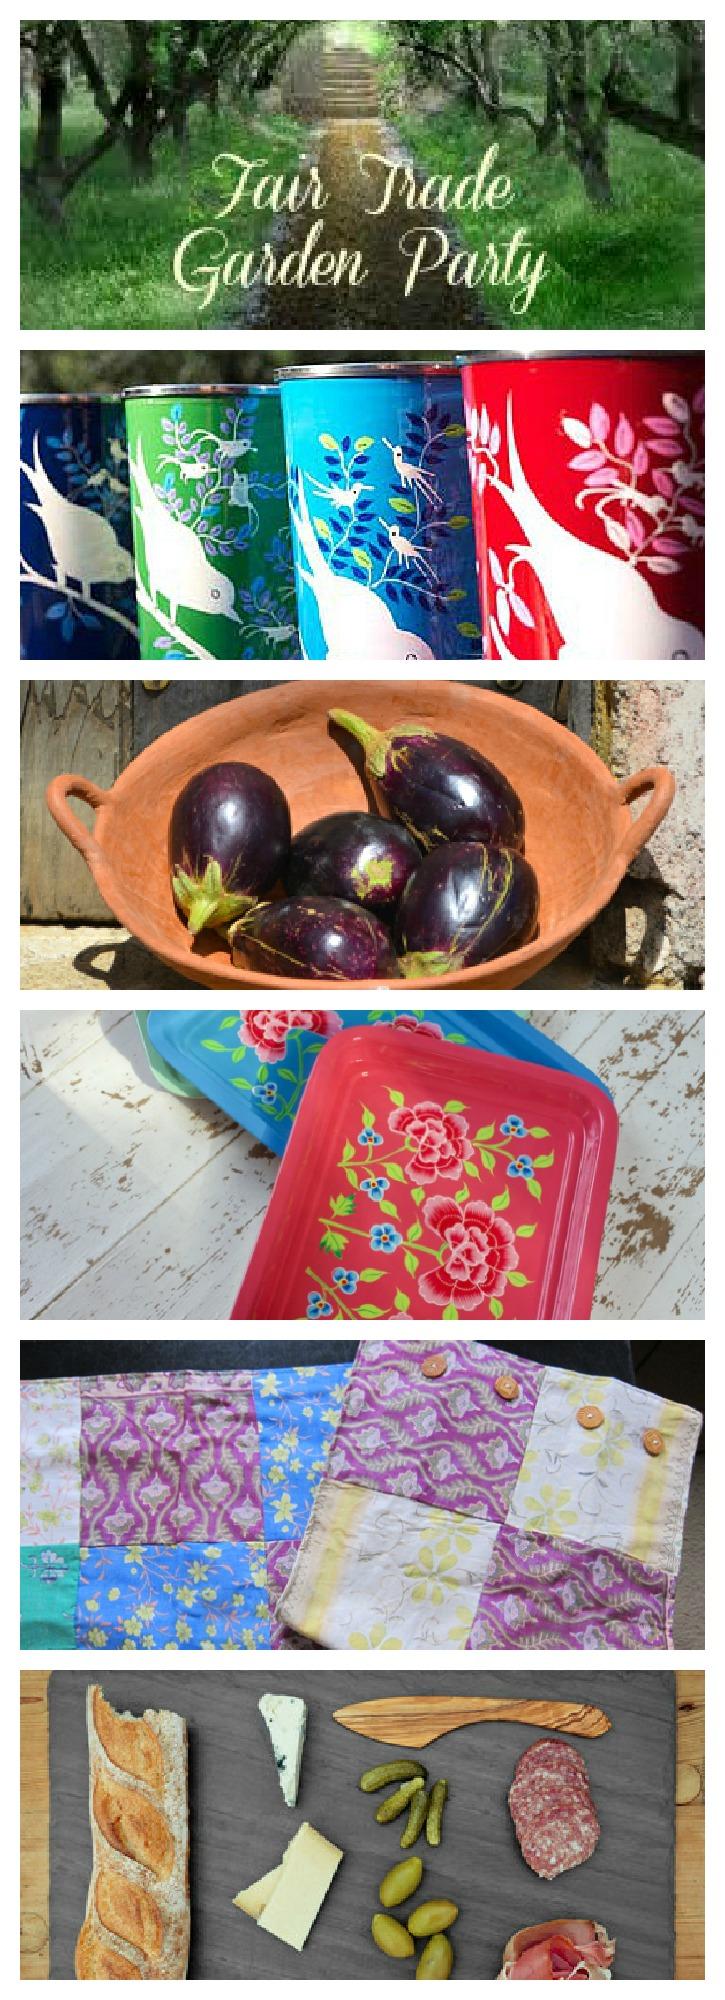 PicMonkey Collage_fair trade garden party